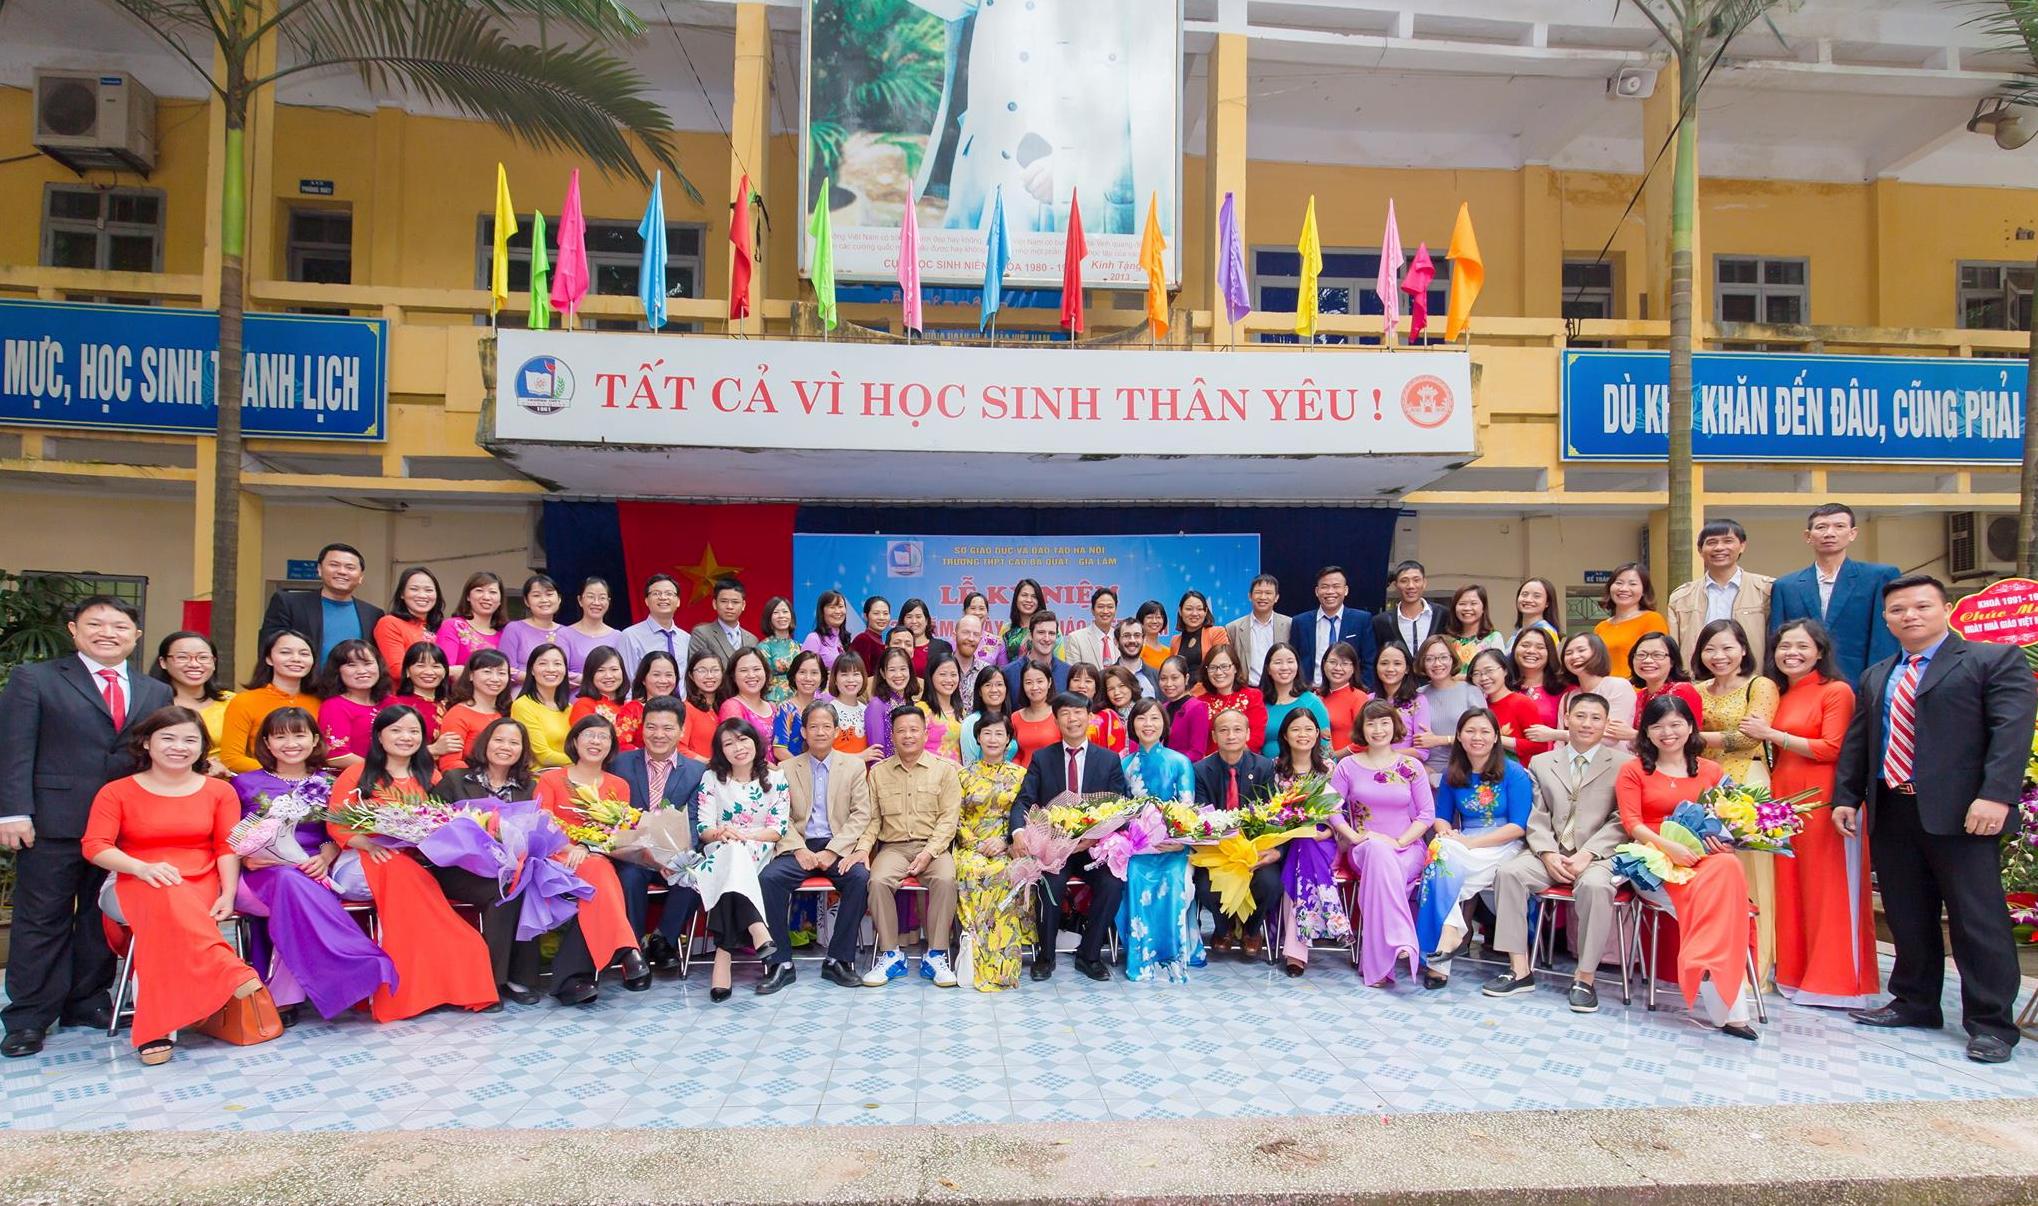 Trường THPT Cao Bá Quát (Gia Lâm- Hà Nội): Vững bước trong sự nghiệp 'trồng người' - Ảnh 1